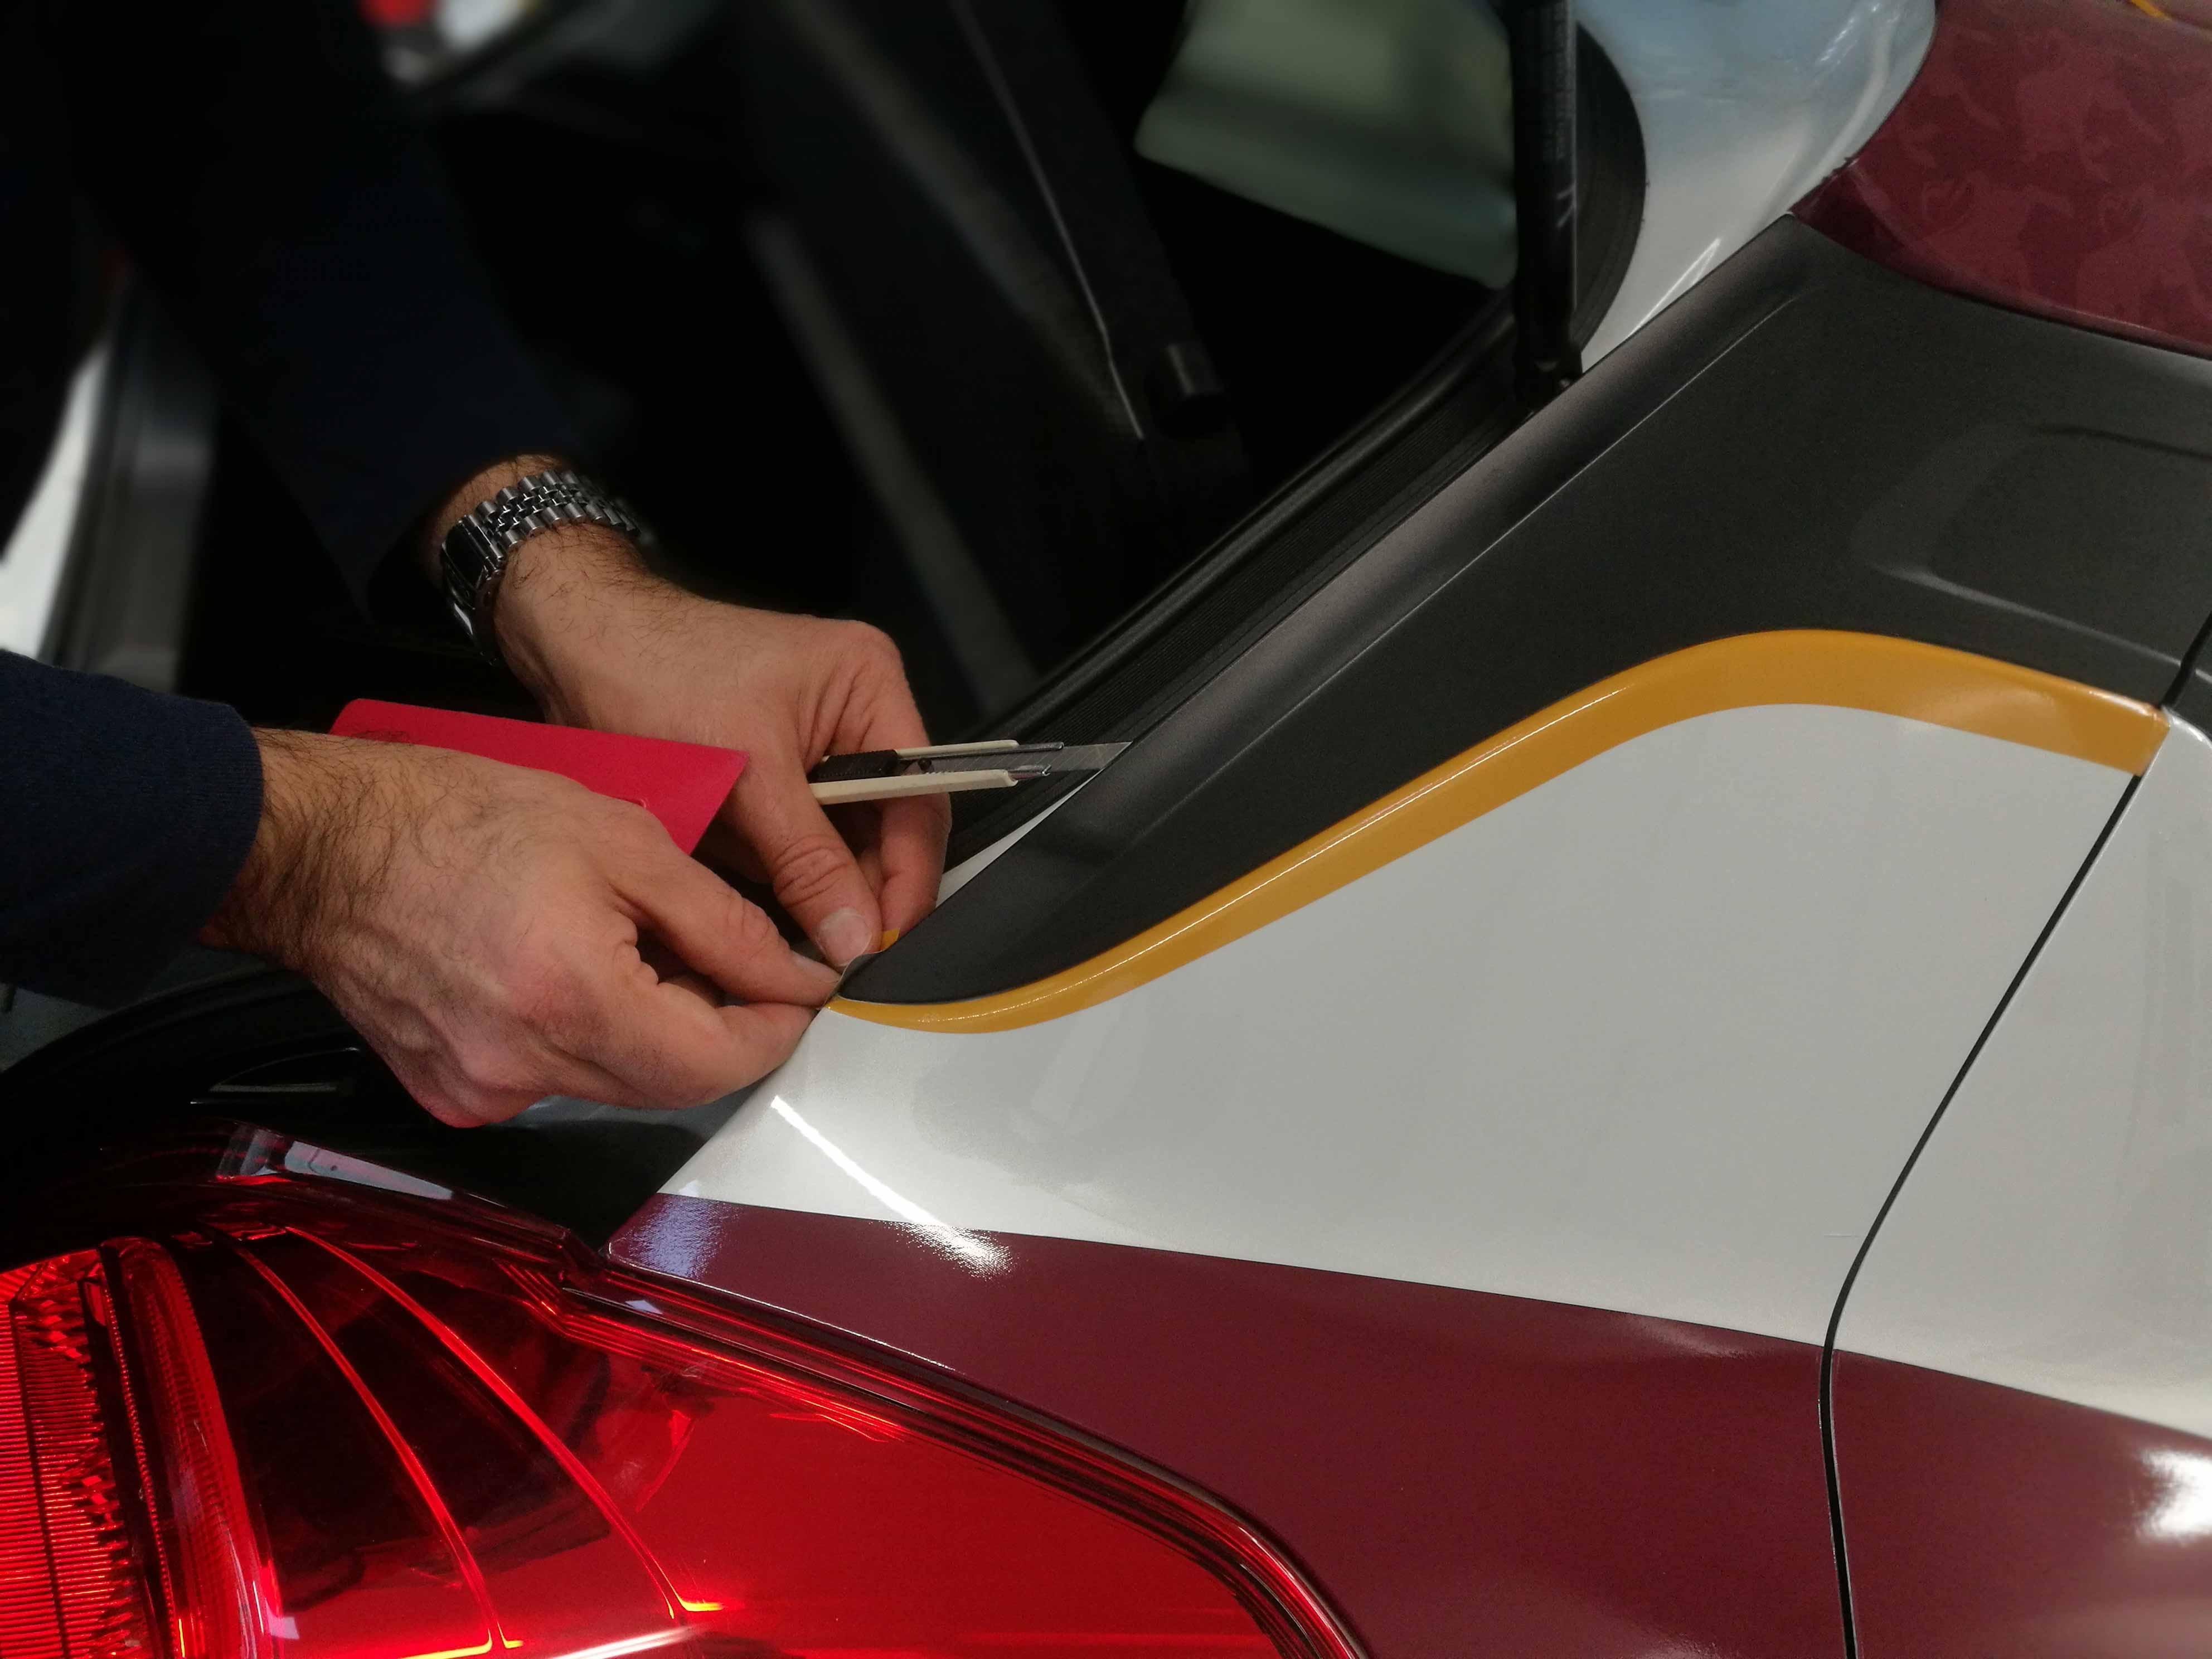 La cura nei particolari ci distingue dagli altri, il Toro sarà ben rappresentato da Suzuki Toro Edition.